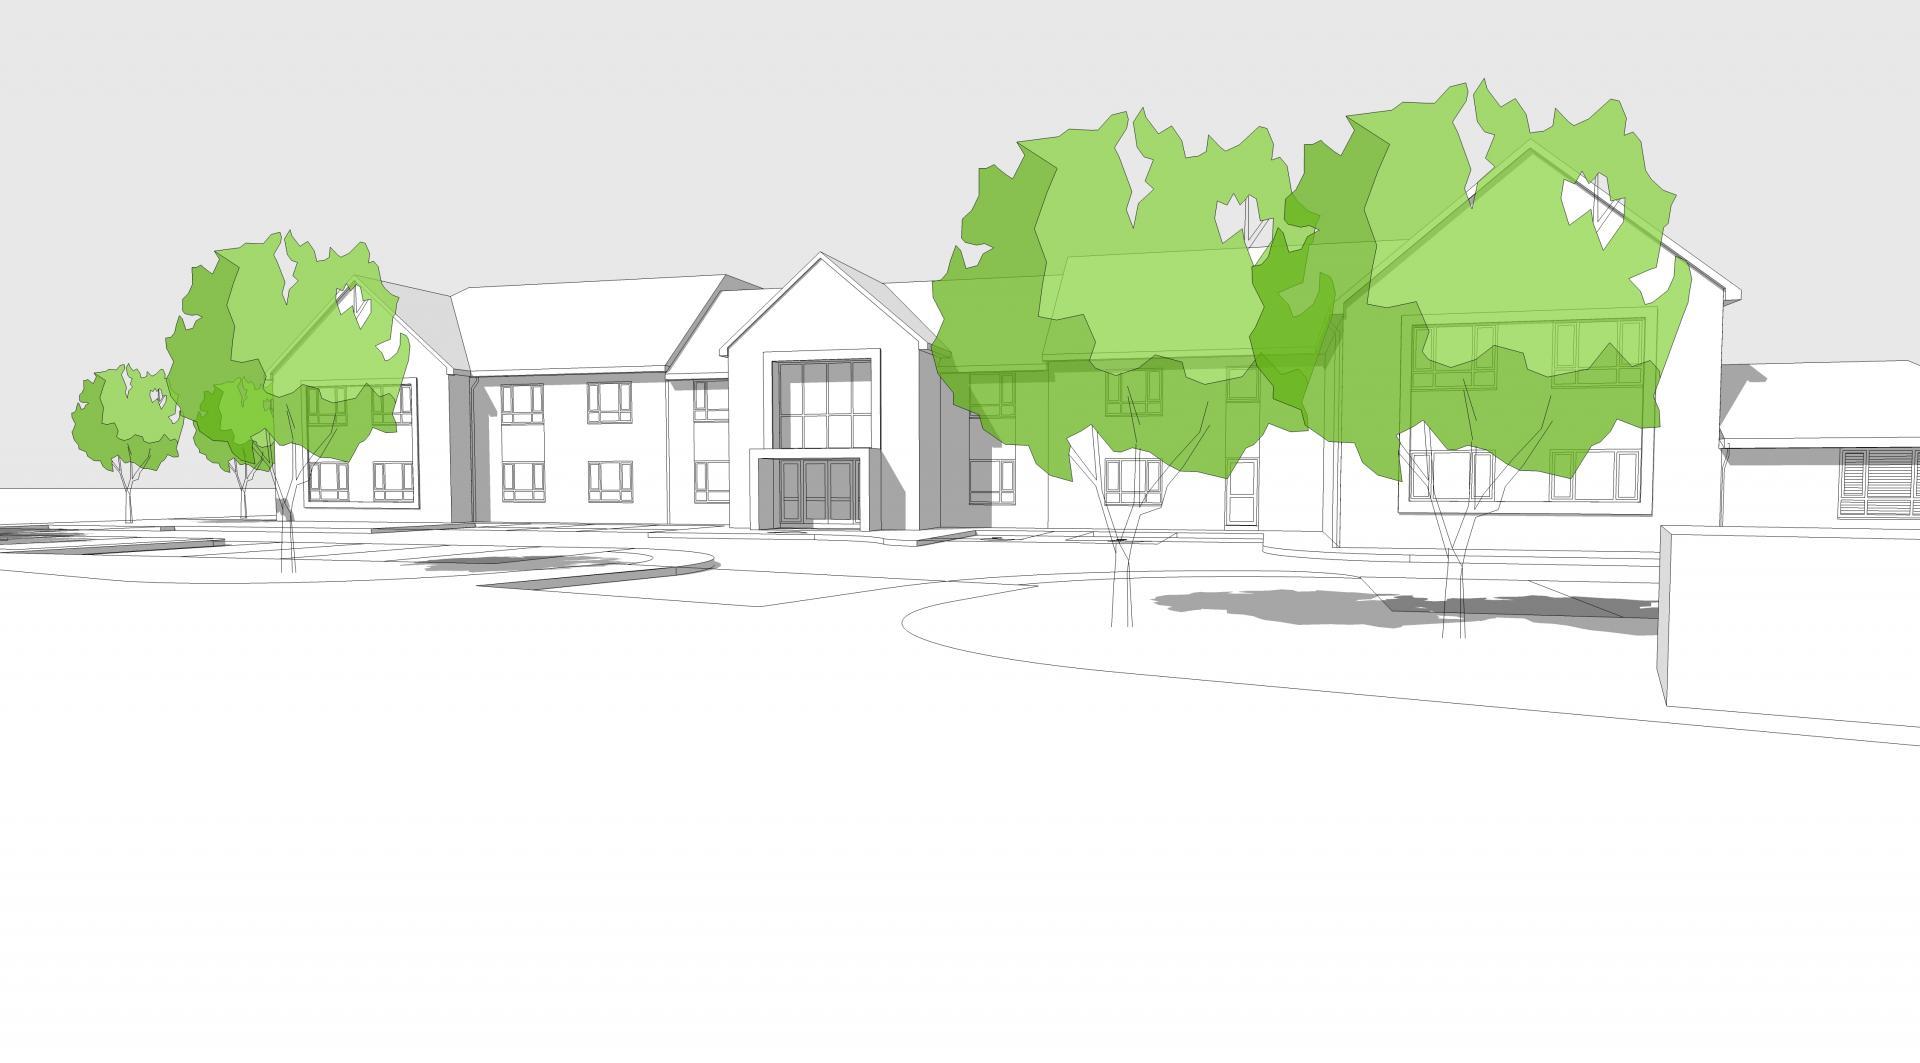 Carless + Adams Bishop Cleeve design